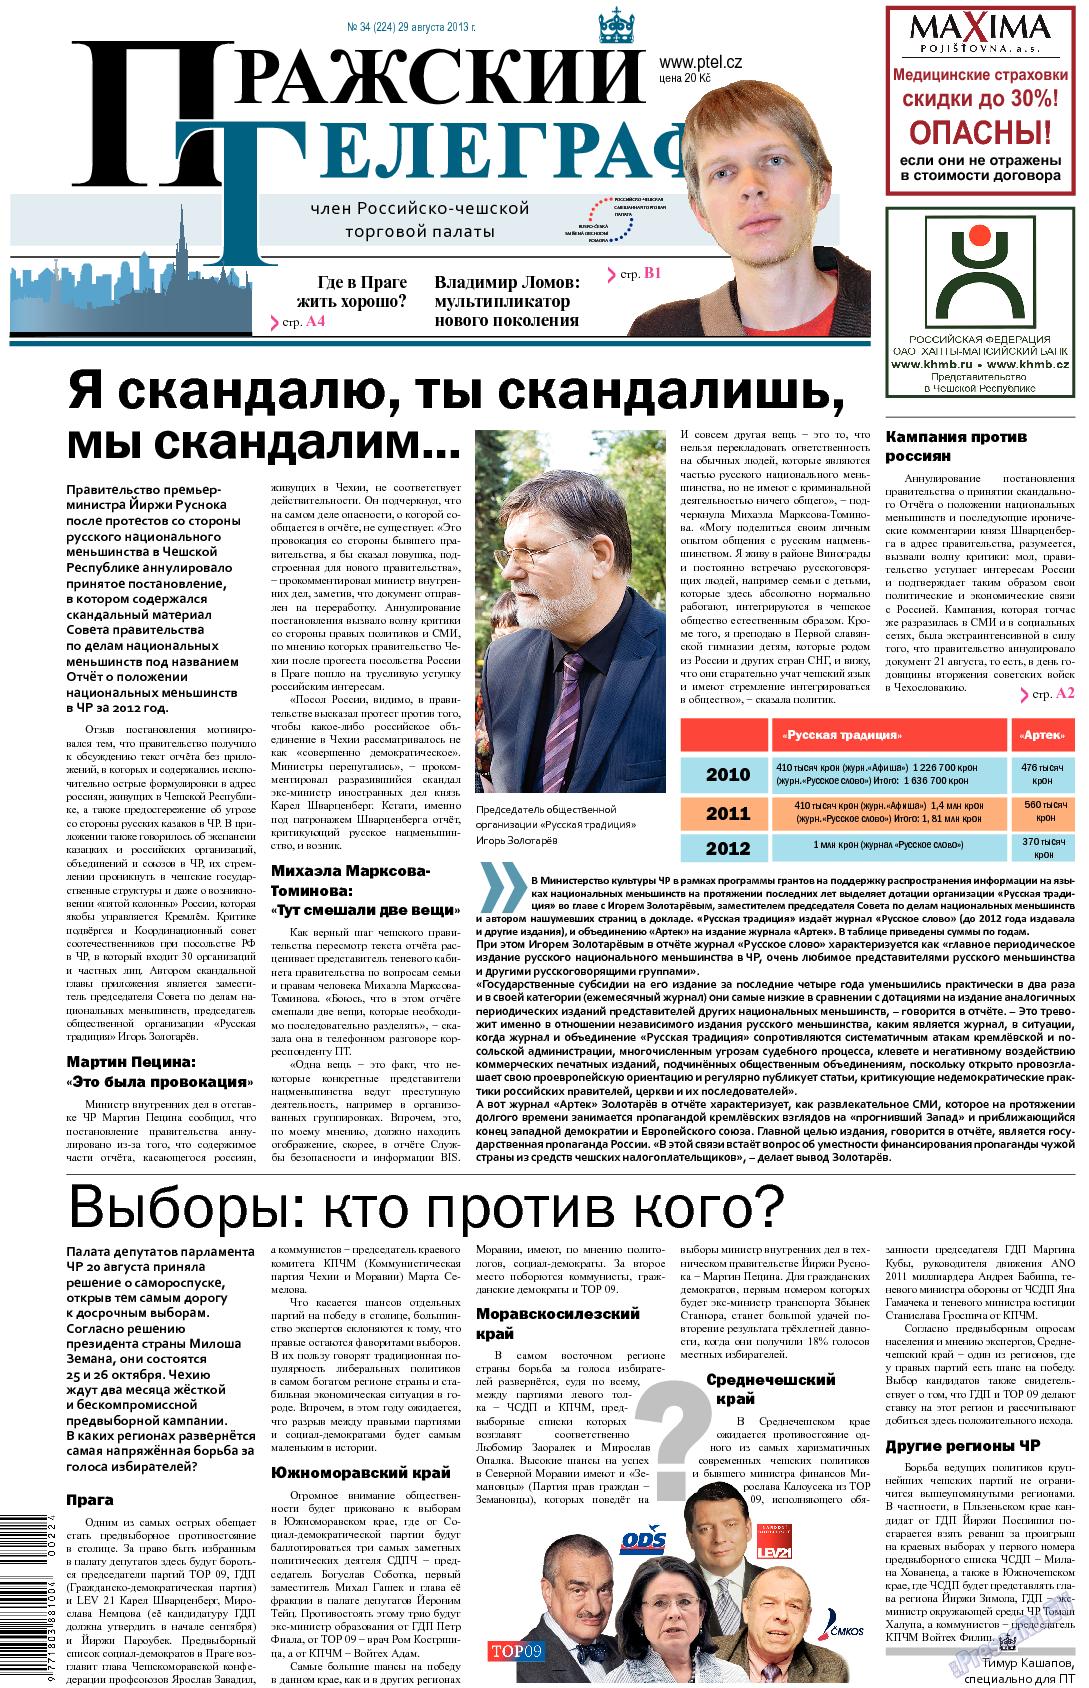 Пражский телеграф (газета). 2013 год, номер 34, стр. 1